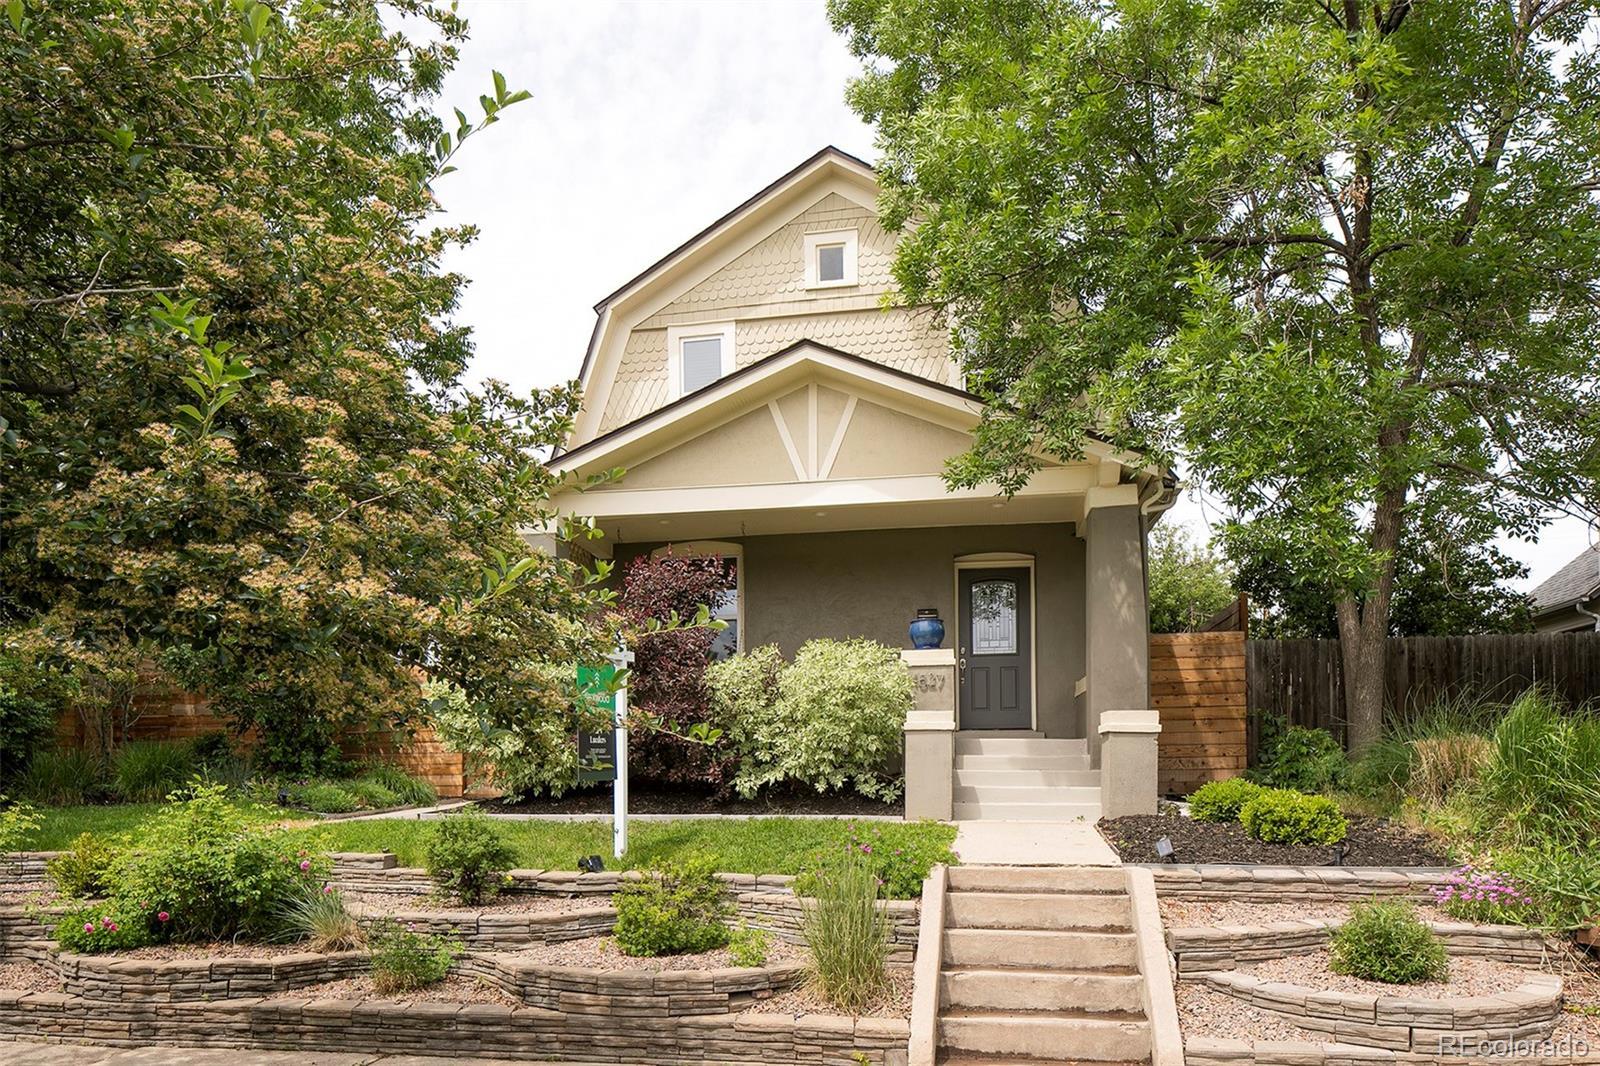 4527 Elm Court Property Photo - Denver, CO real estate listing